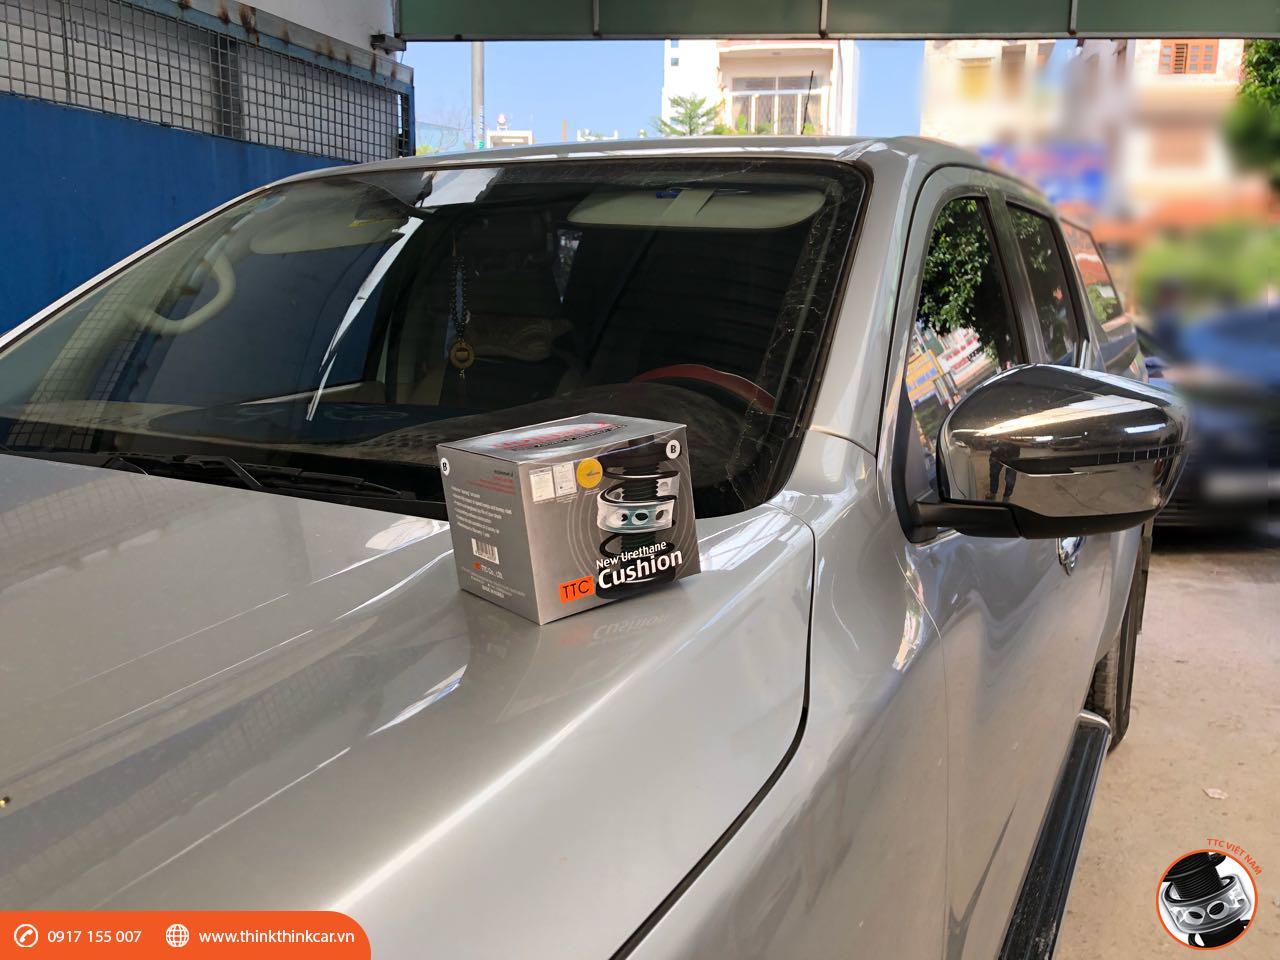 Nissan Navara NP300 lắp đặt đệm giảm chấn TTC 1